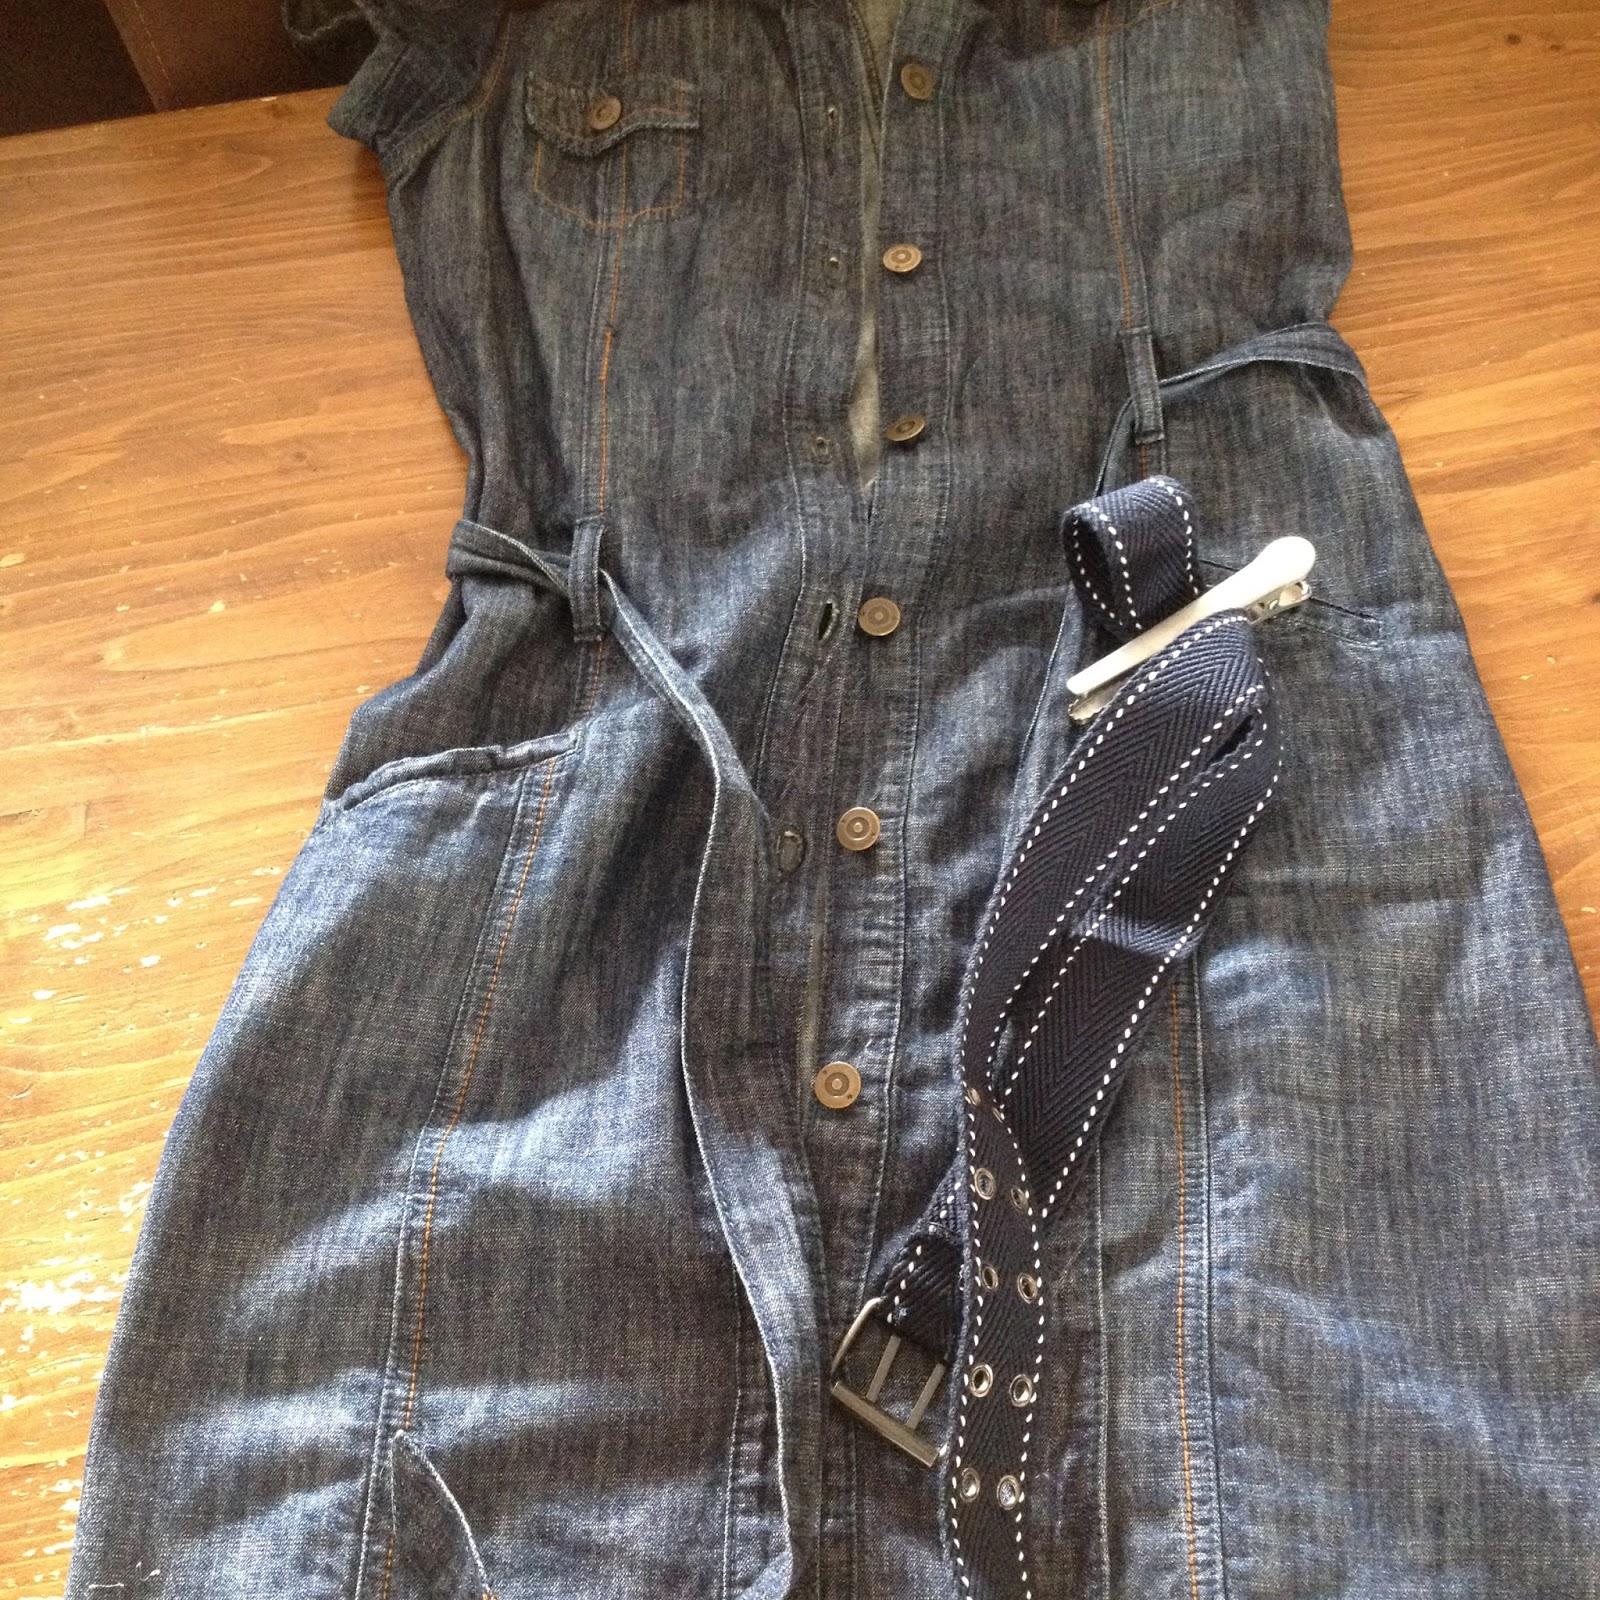 3853aa3373aaae Zelf had ik dit jurkje op de stapel gelegd om te bewaren voor verknippen.  Was nog prima verder